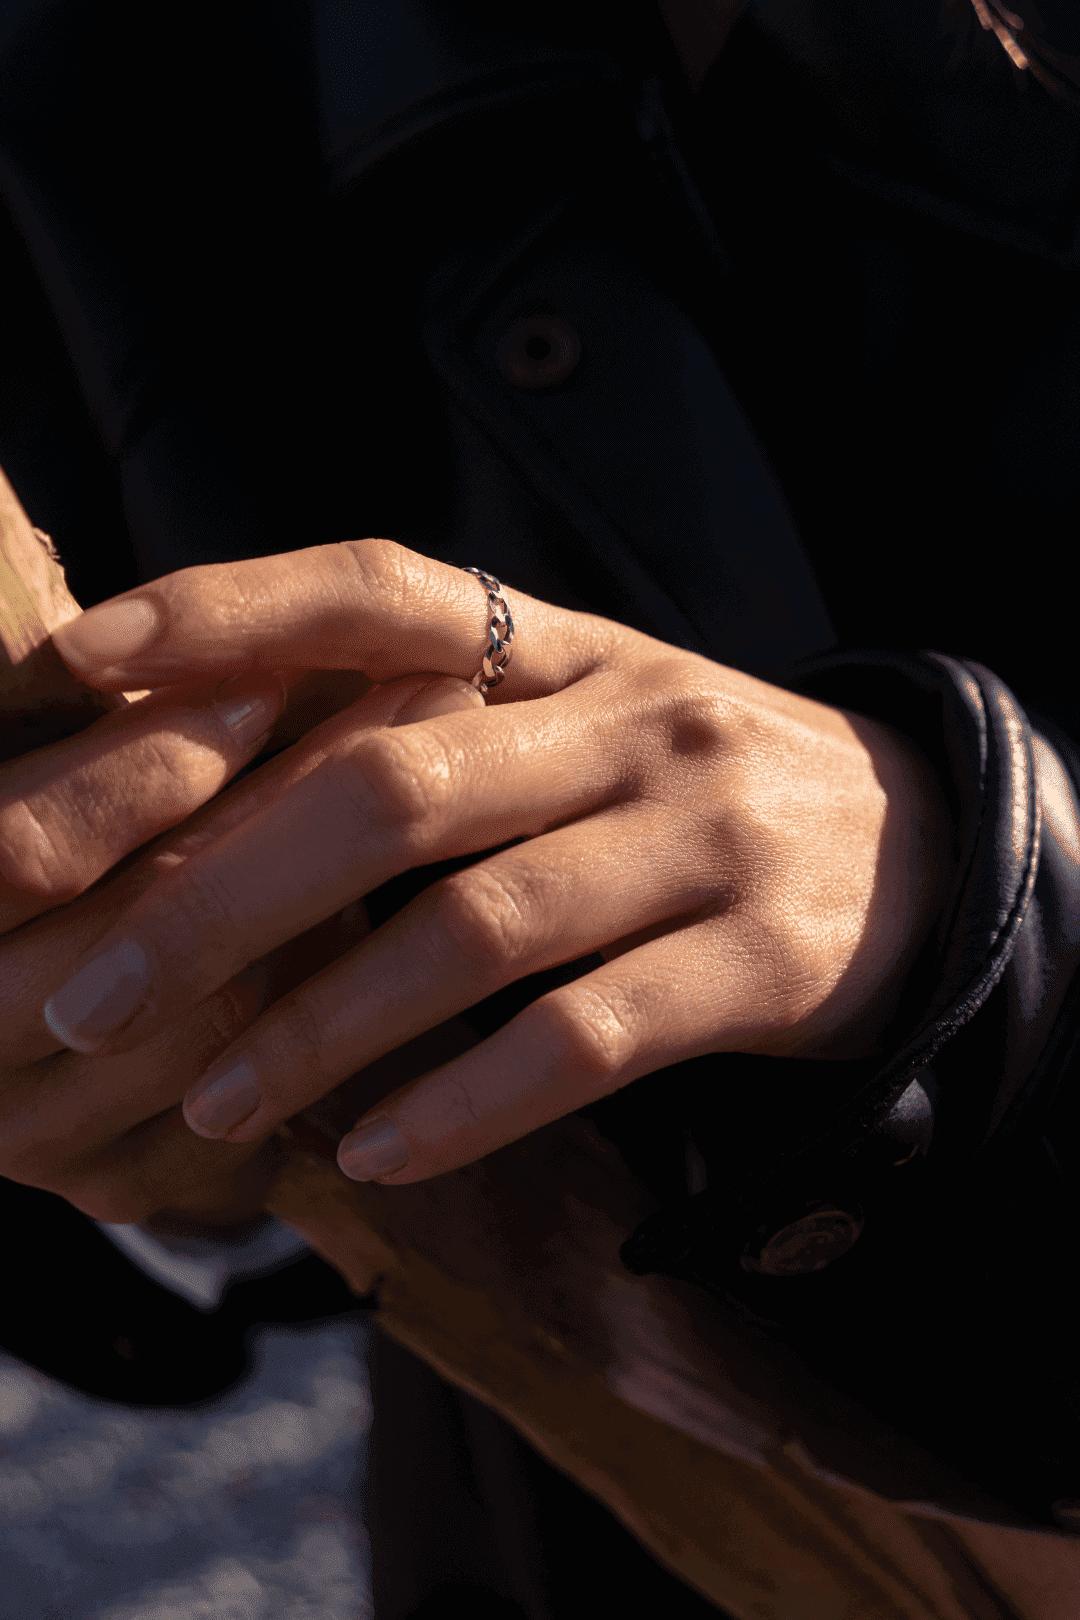 Modelka w czarnej kurtce prezentuje srebrny pierścionek łańcuch polskiej marki jubilerskiej.